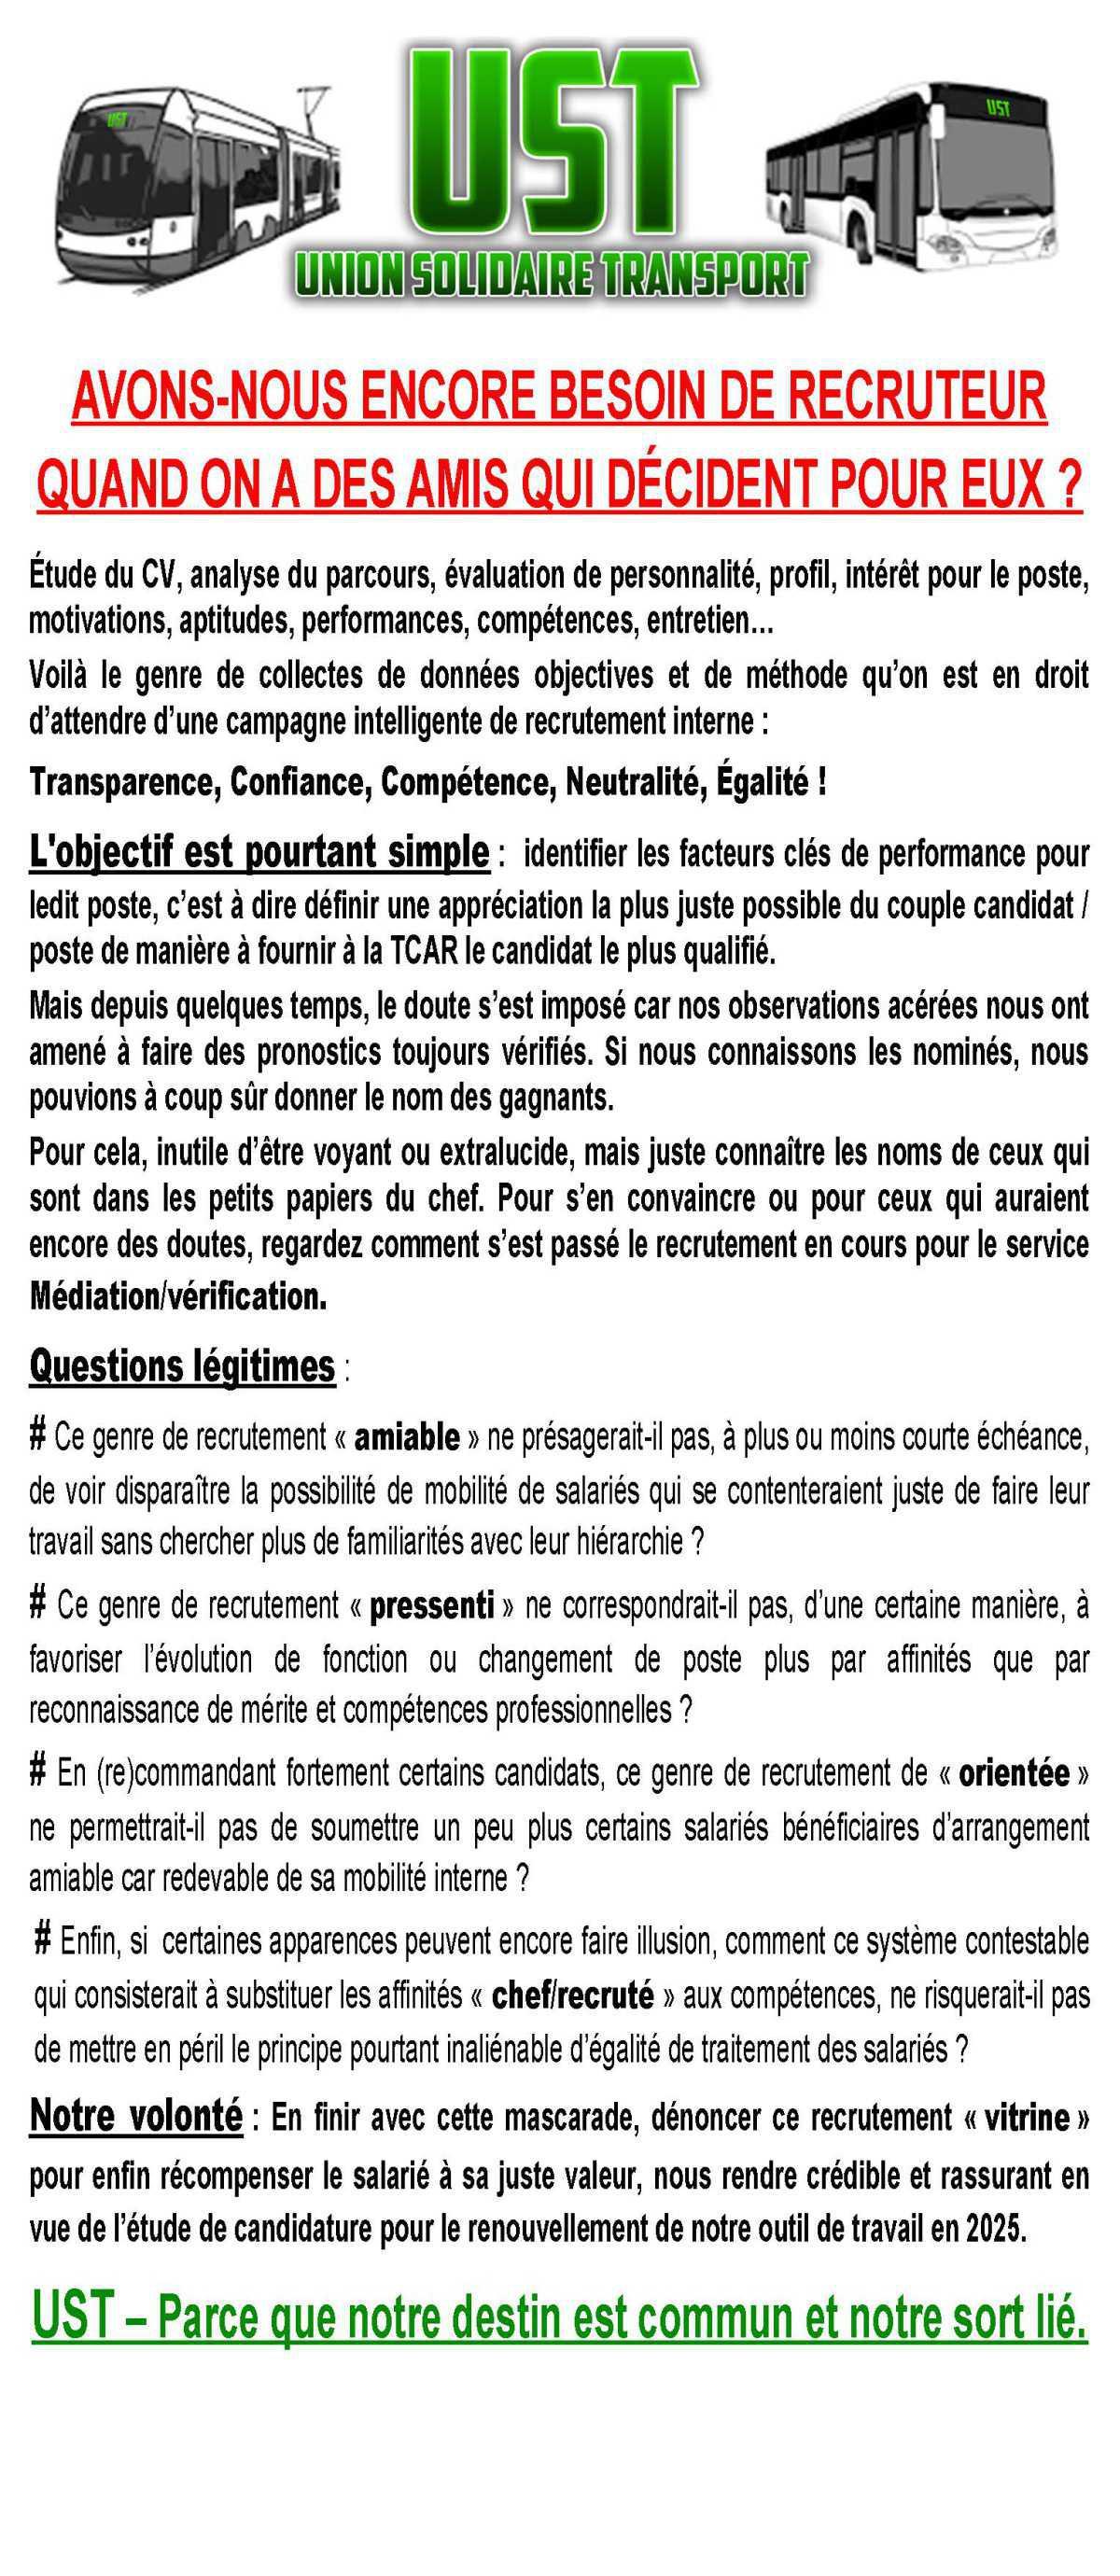 TRACT UST TCAR :AVONS-NOUS ENCORE BESOIN DE RECRUTEUR